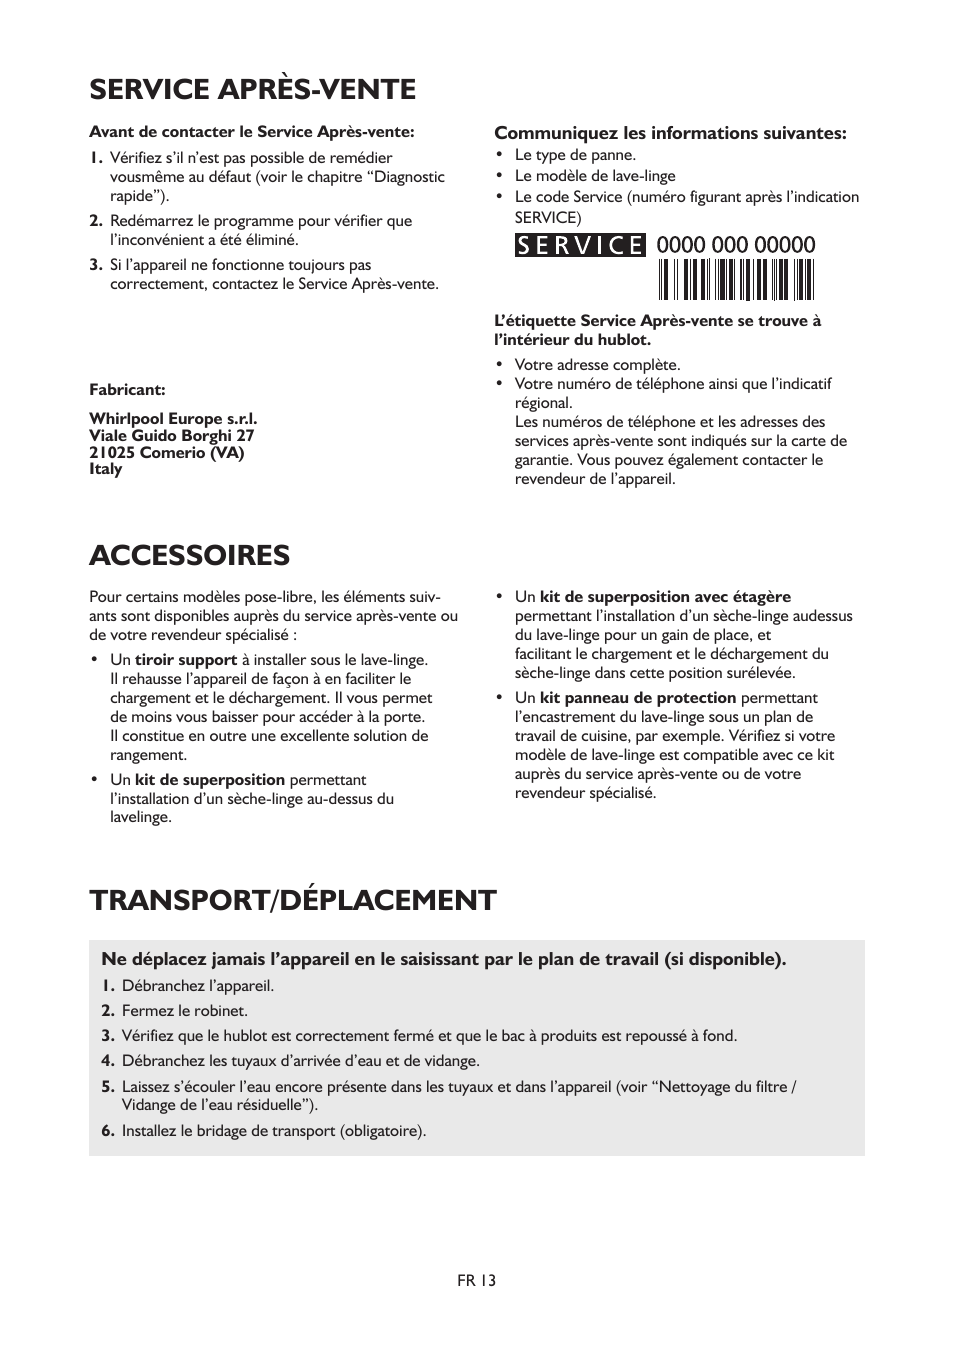 service après-vente, transport/déplacement accessoires   whirlpool